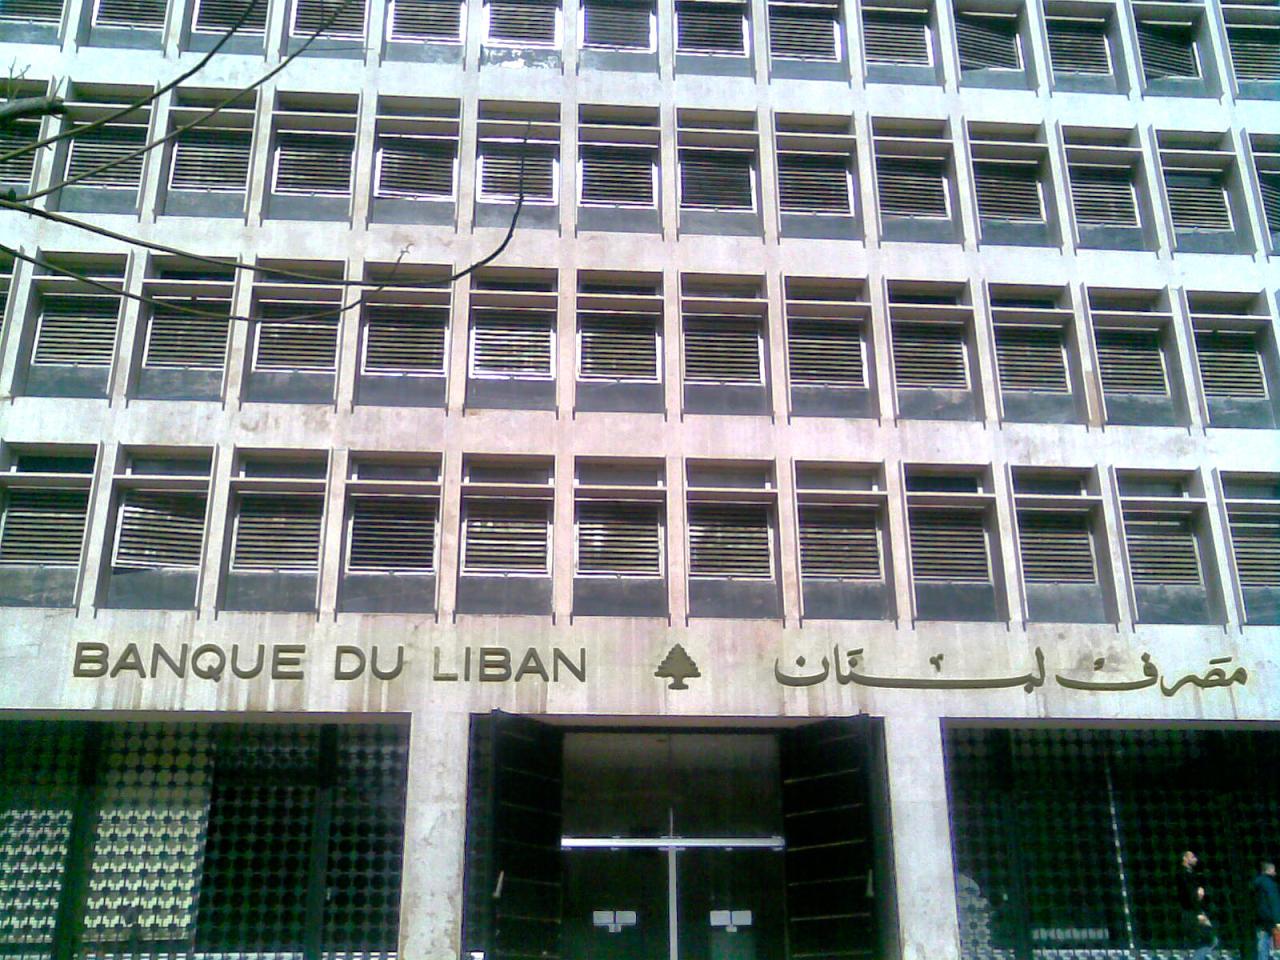 لبنان يغلق حسابات مؤسسات كبرى لحزب الله